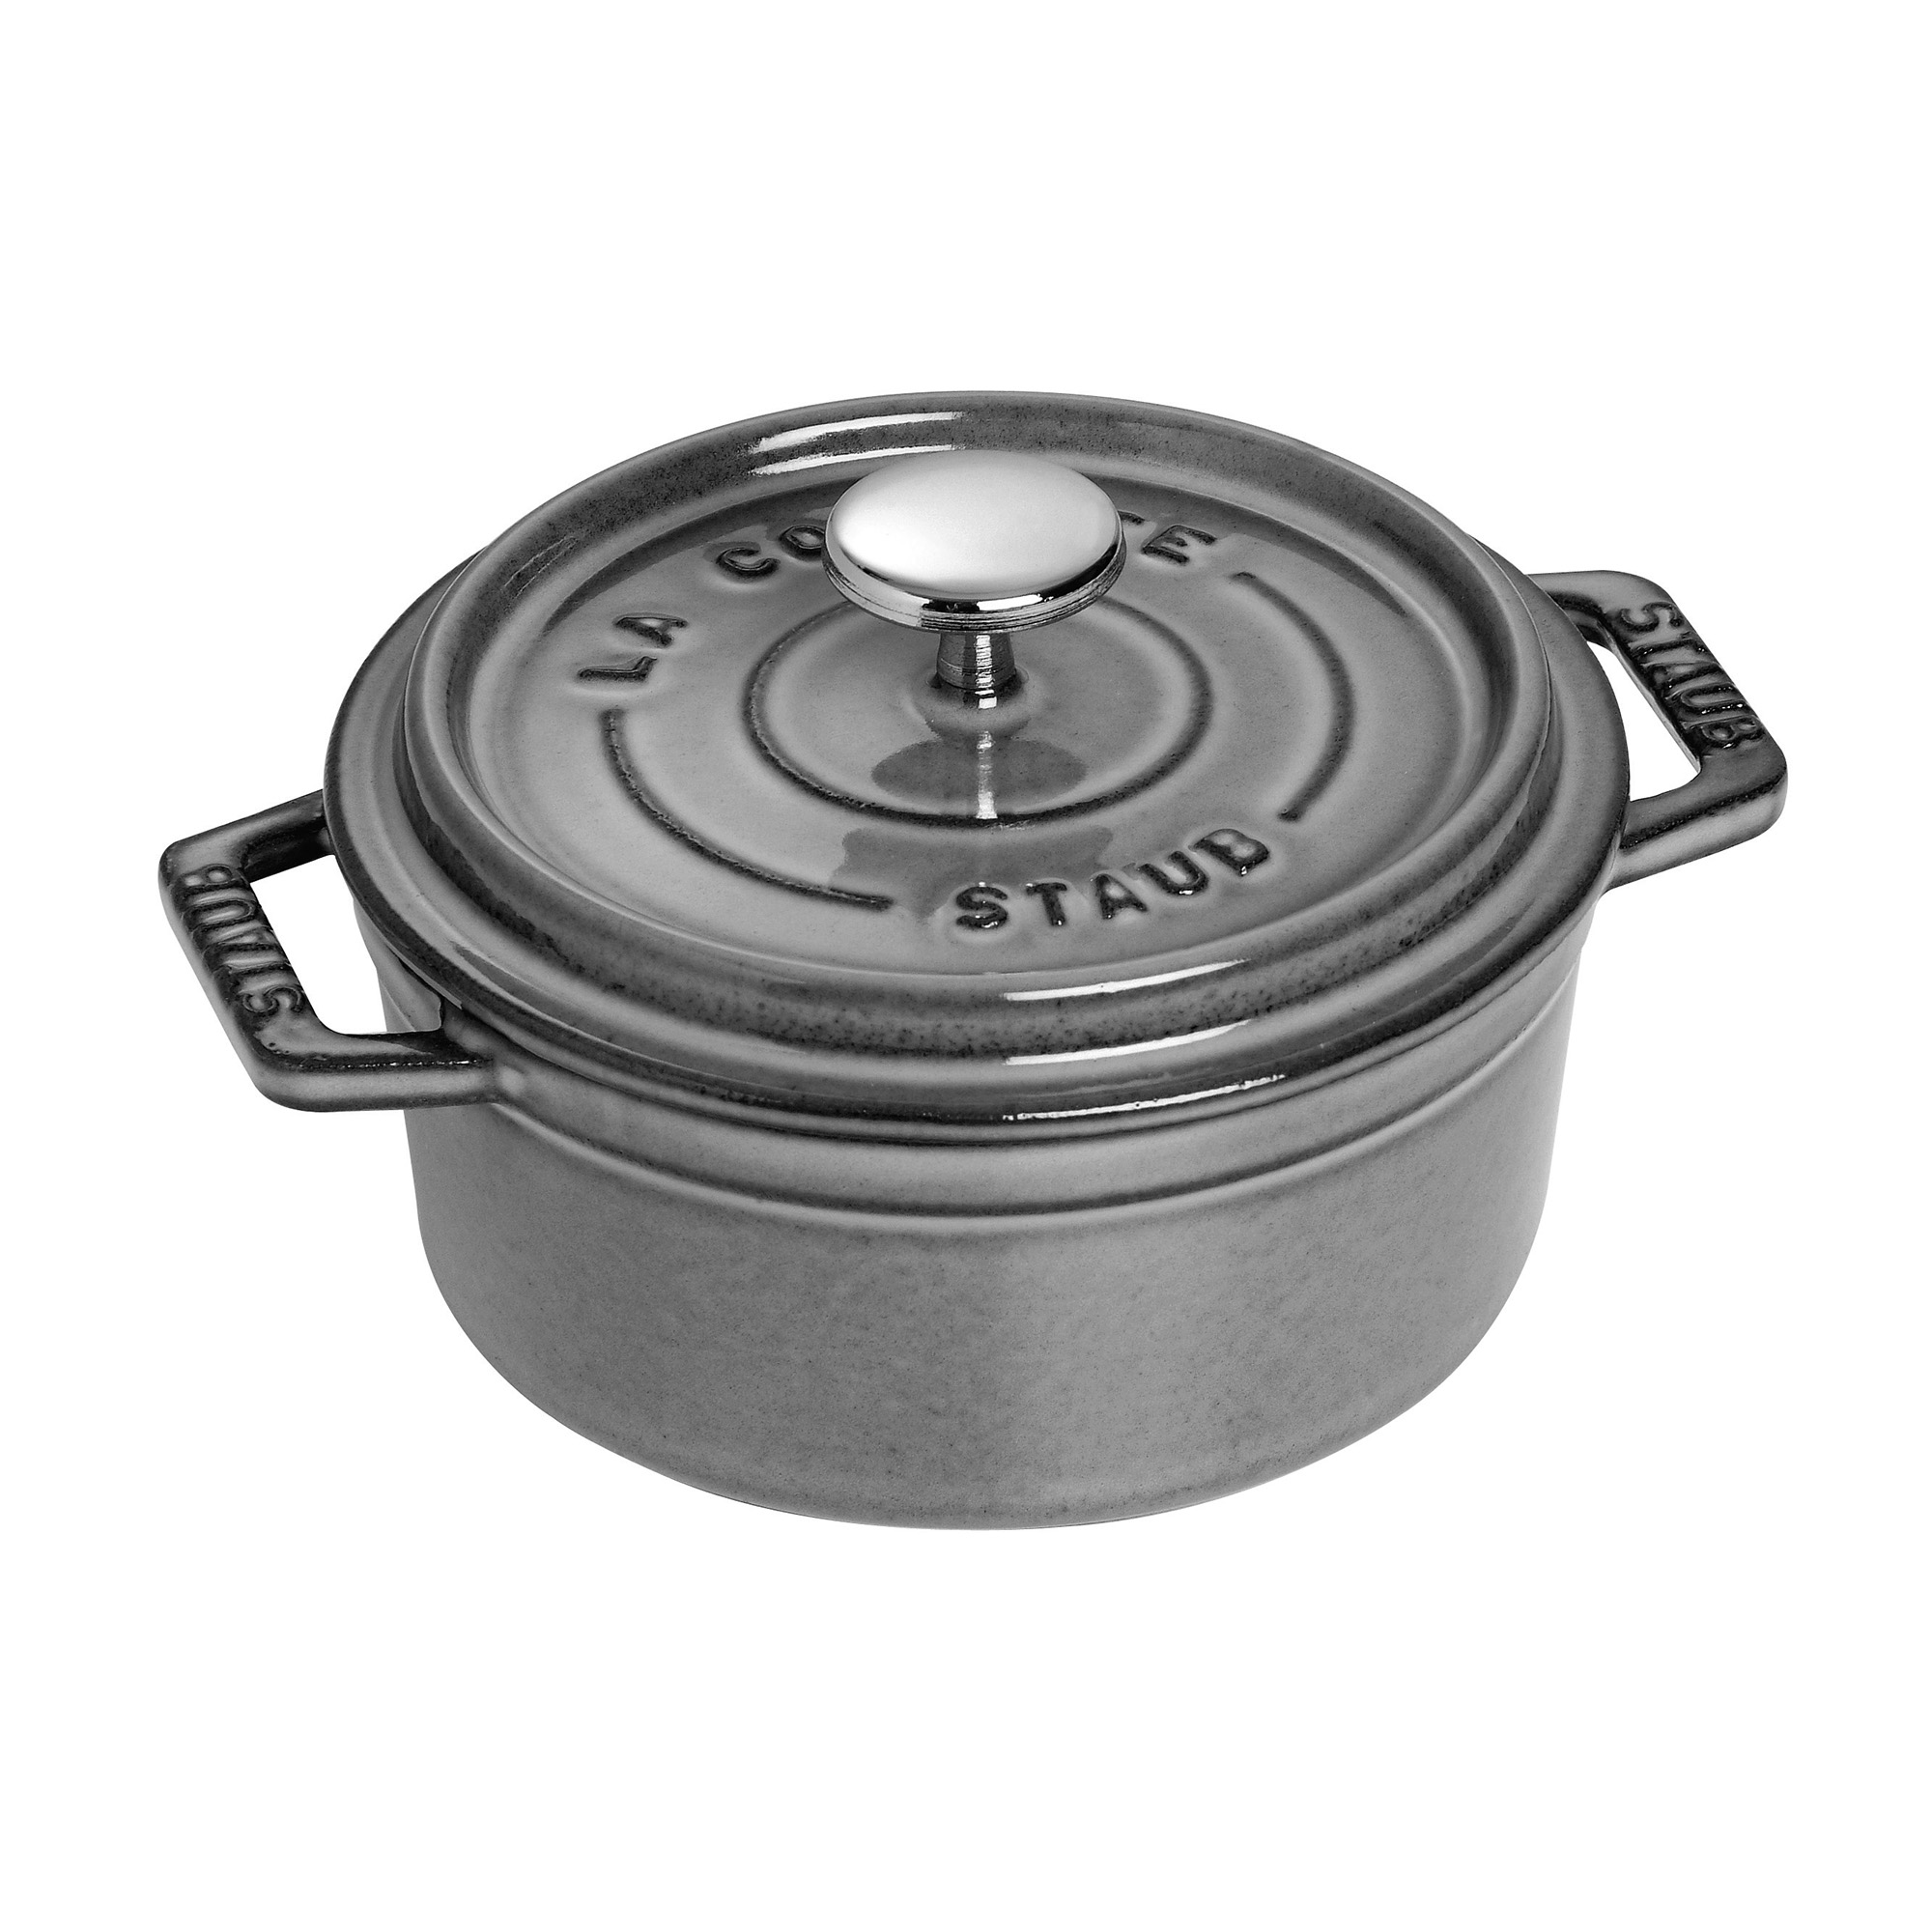 Staub Cast Iron 0.5-qt Round Cocotte - Matte Black